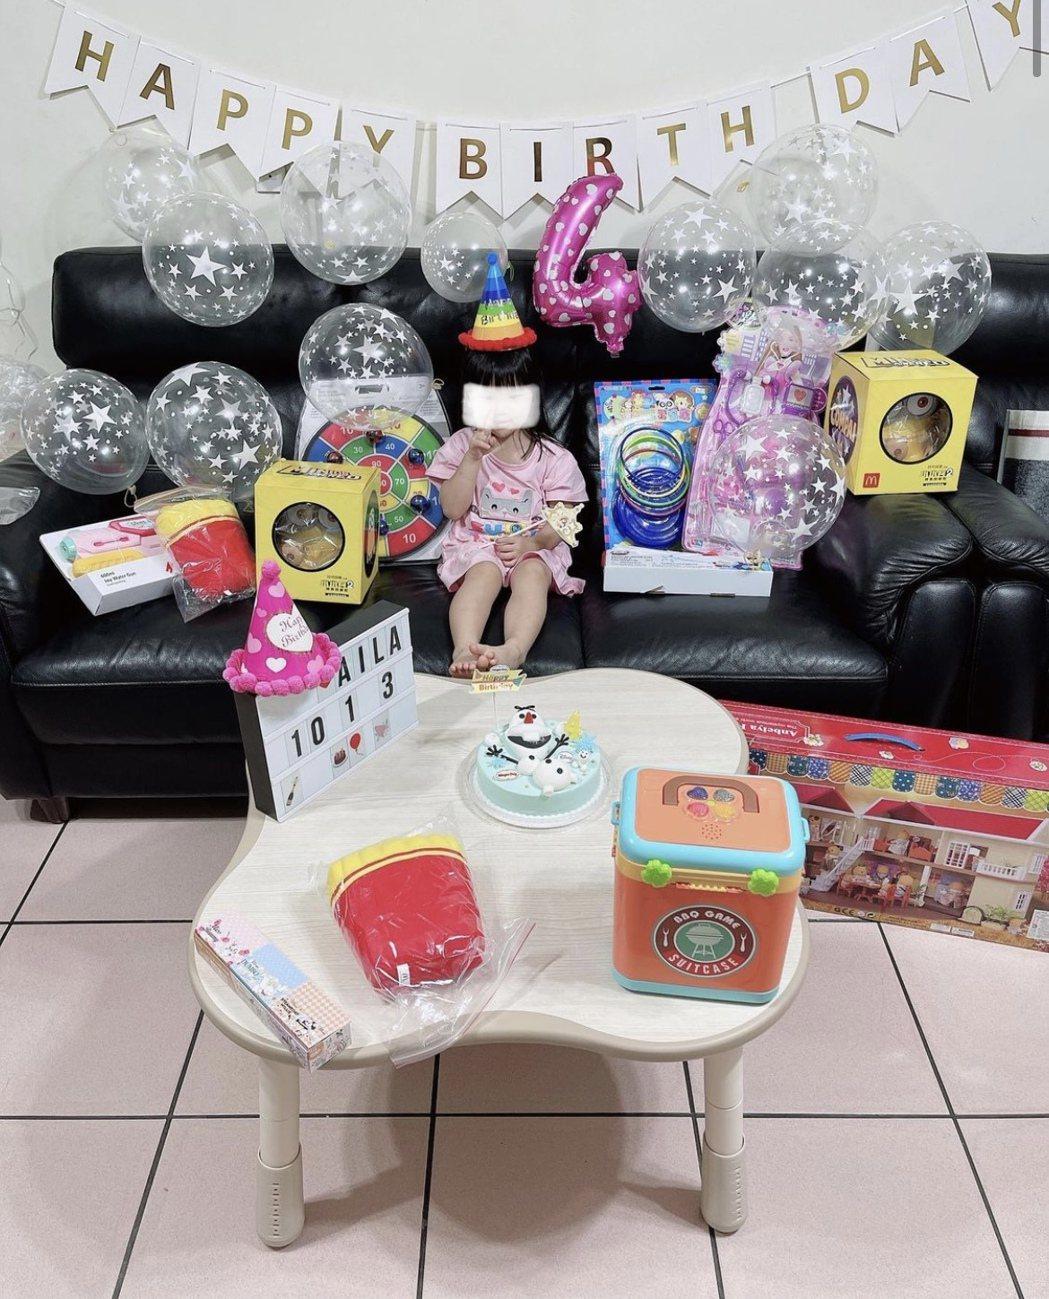 Aila醬今迎4歲生日。圖/摘自IG